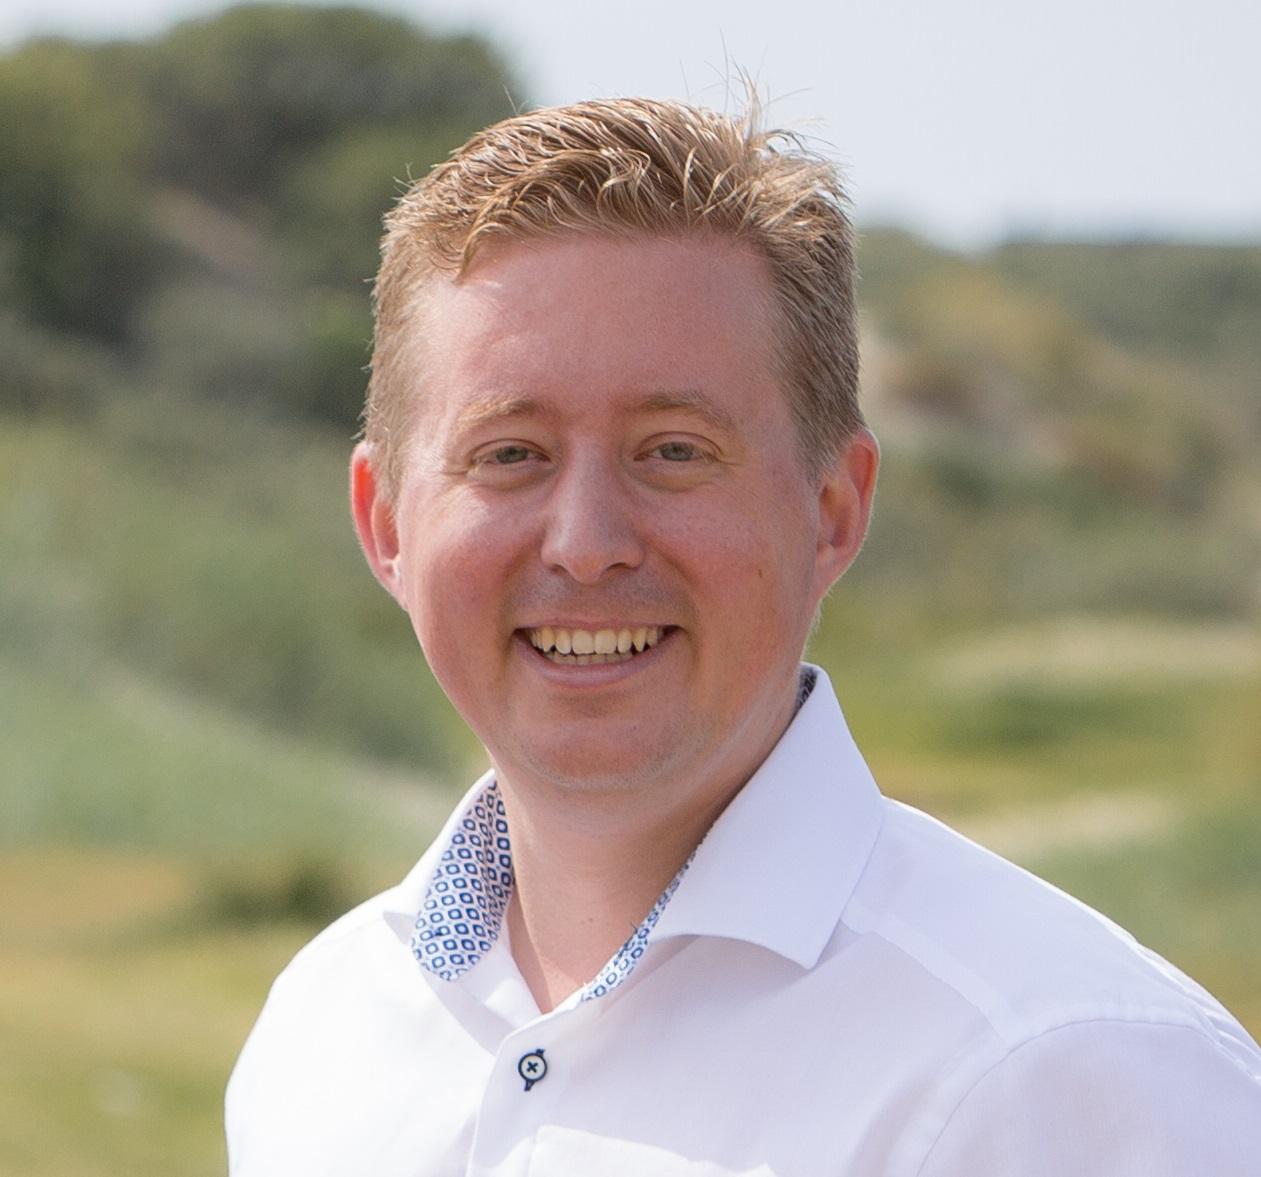 Jurgen van der Sloot, beleidsadviseur binnenvaart & spoor bij Evofenedex